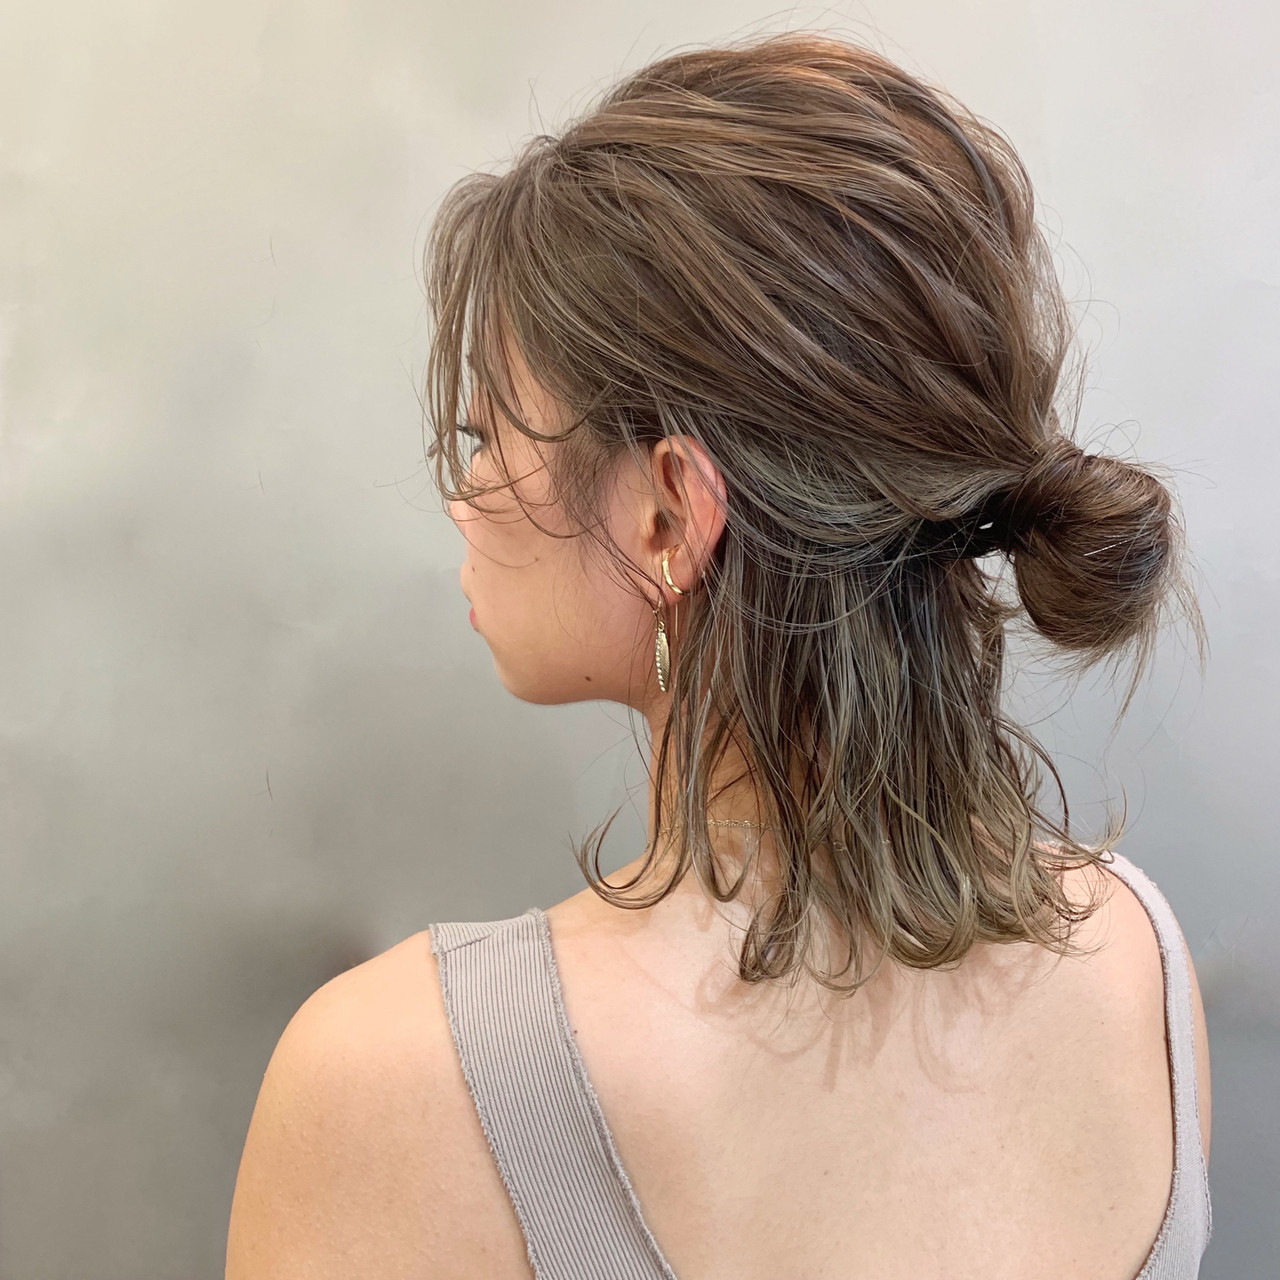 ミディアム スポーツ ヘアアレンジ デート ヘアスタイルや髪型の写真・画像 | 安永怜 / kakimotoarms田園調布